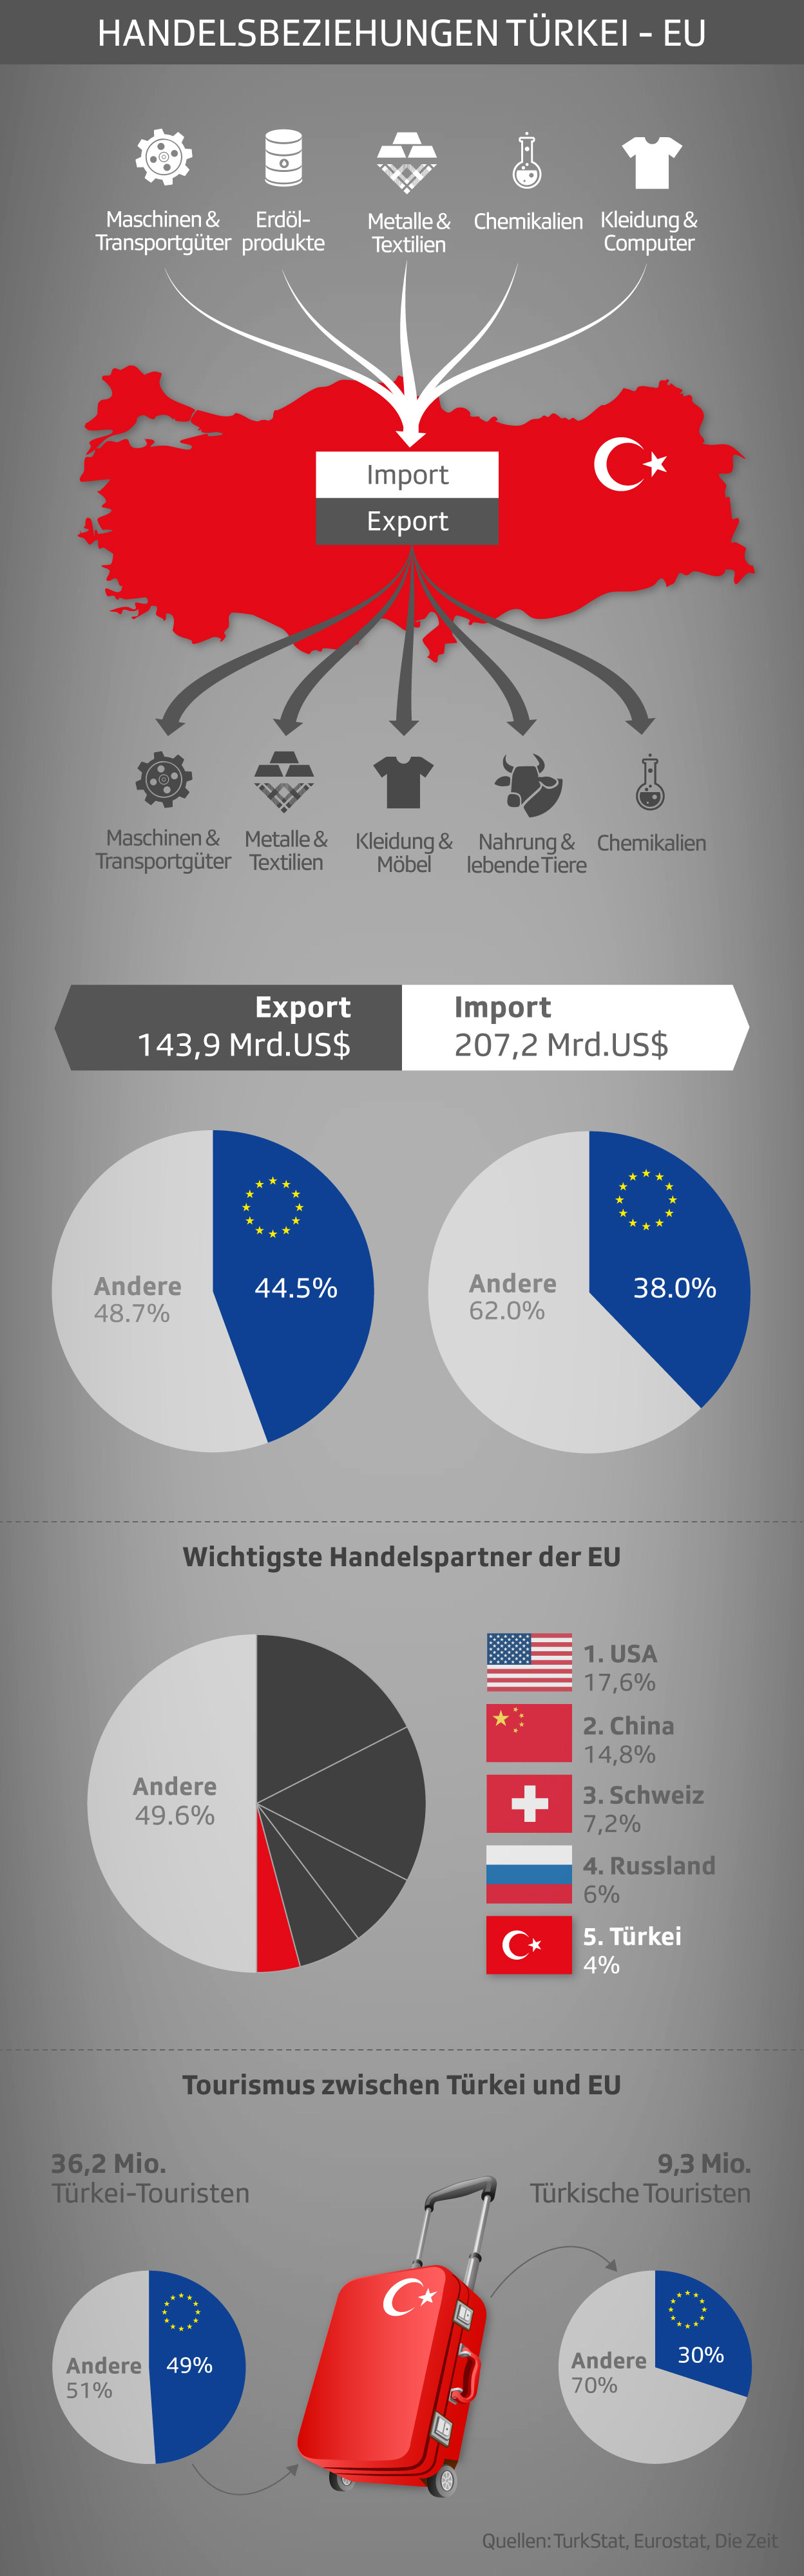 Die Handelsbeziehungen zwischen der EU und der Türkei